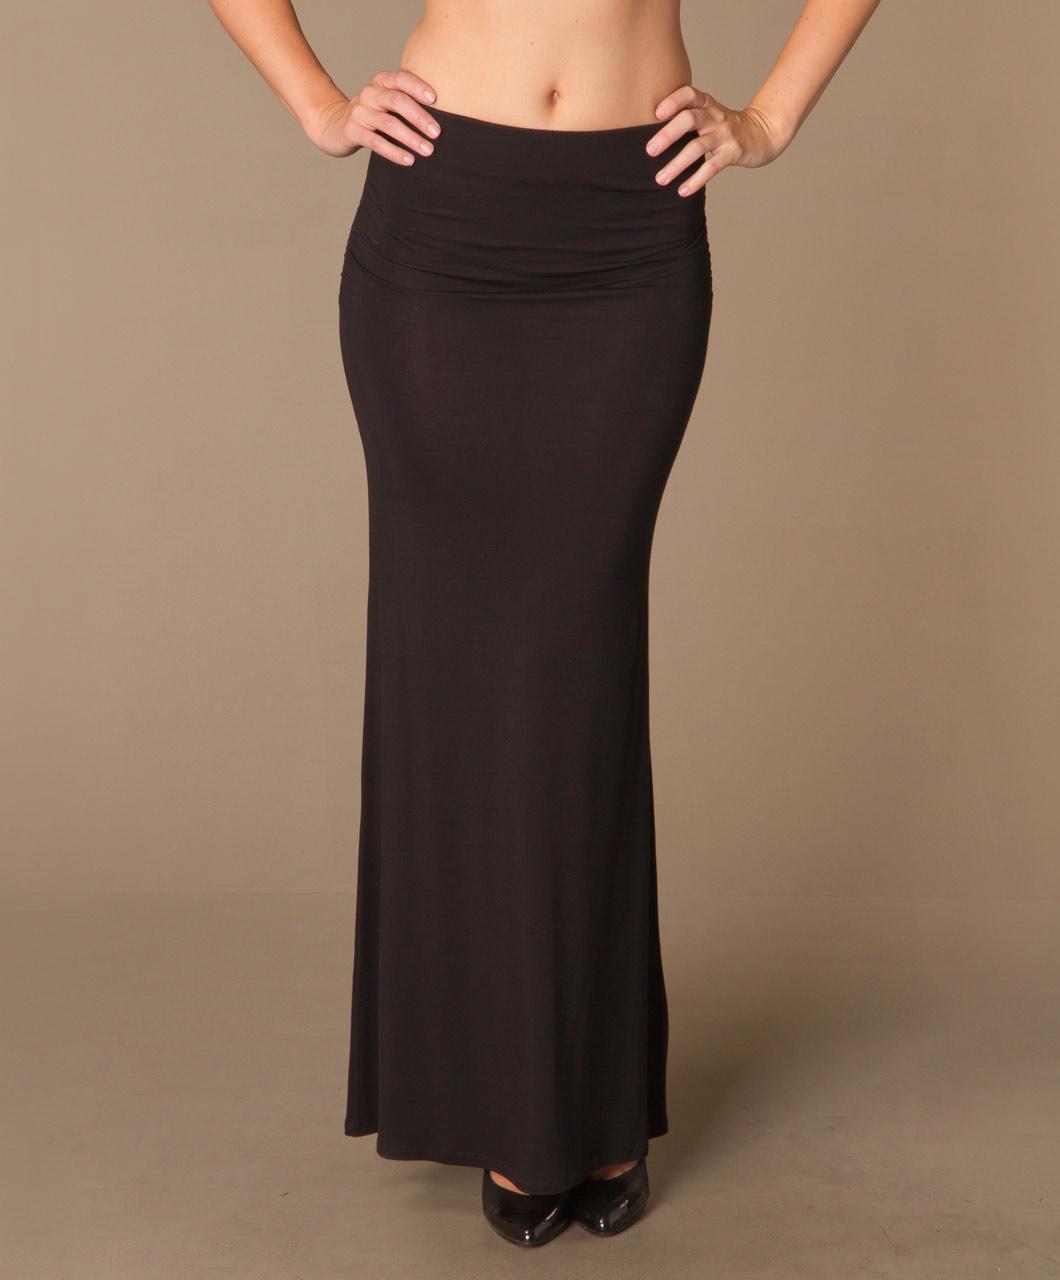 Zwarte jersey rok